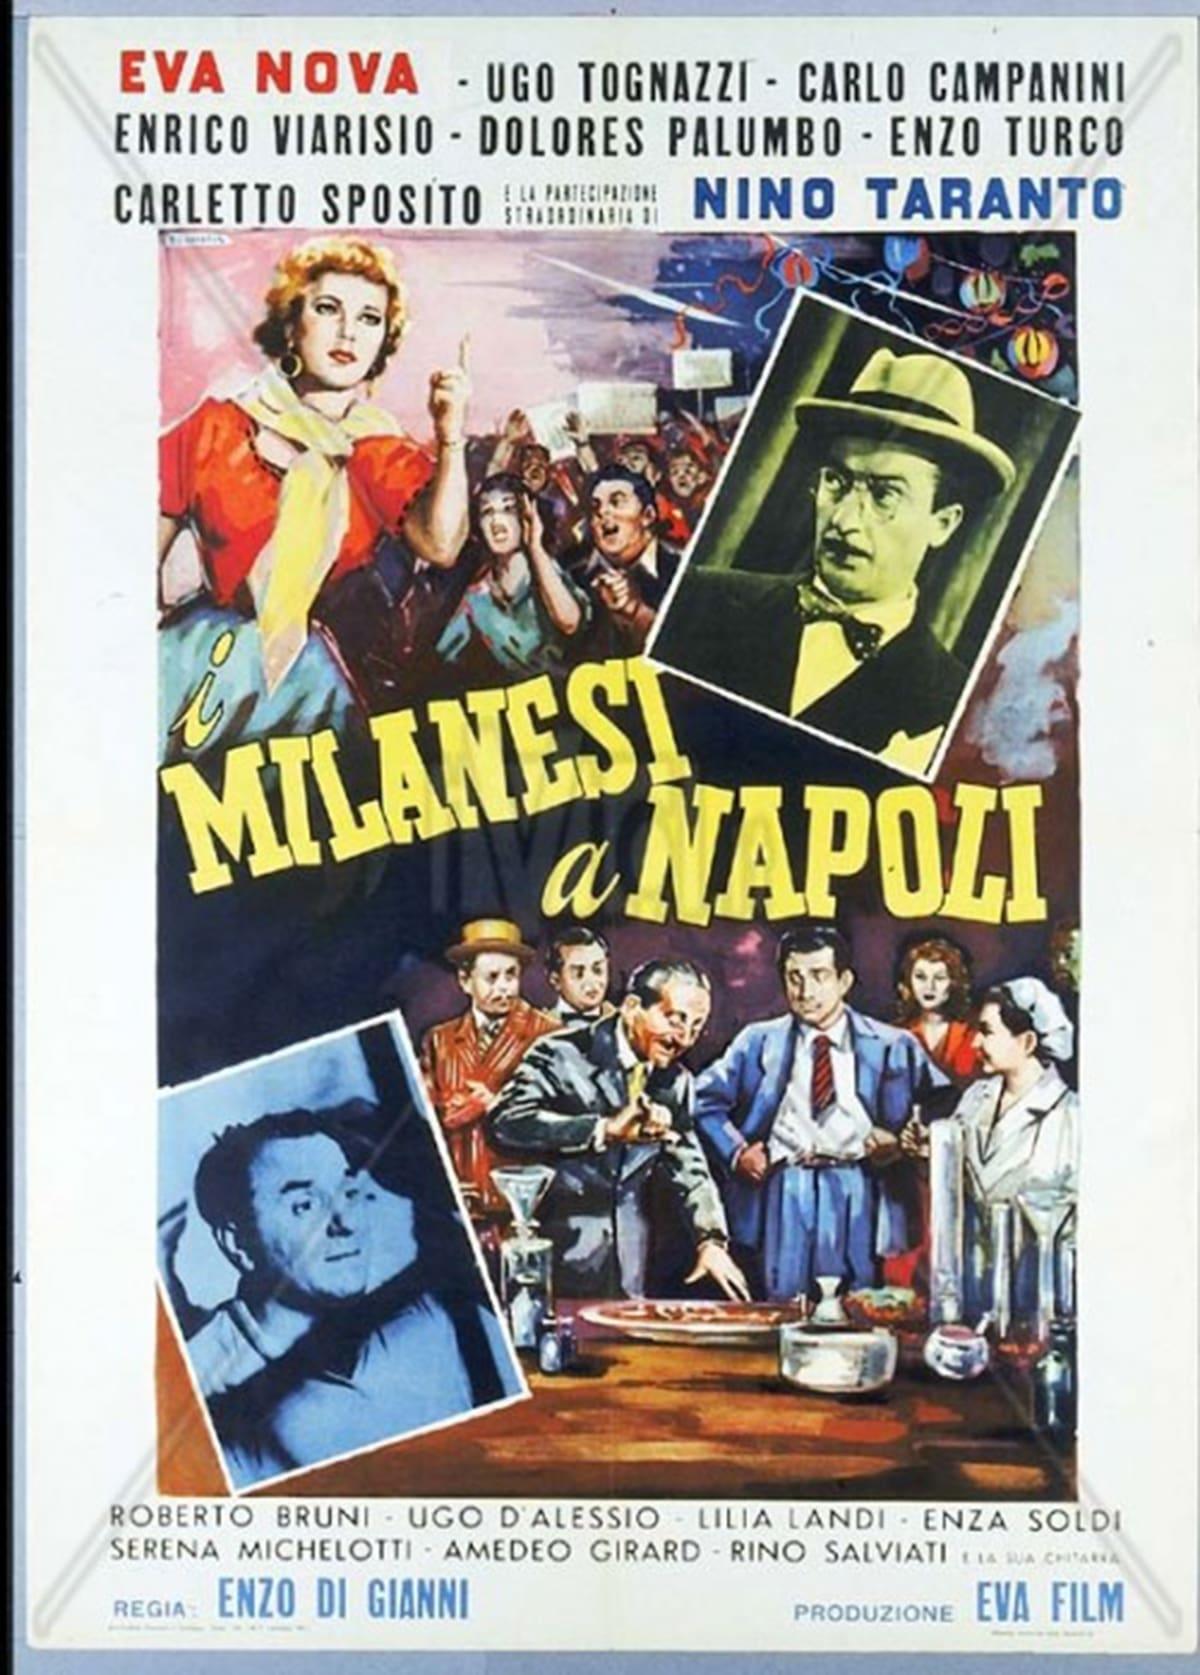 Milanesi a Napoli